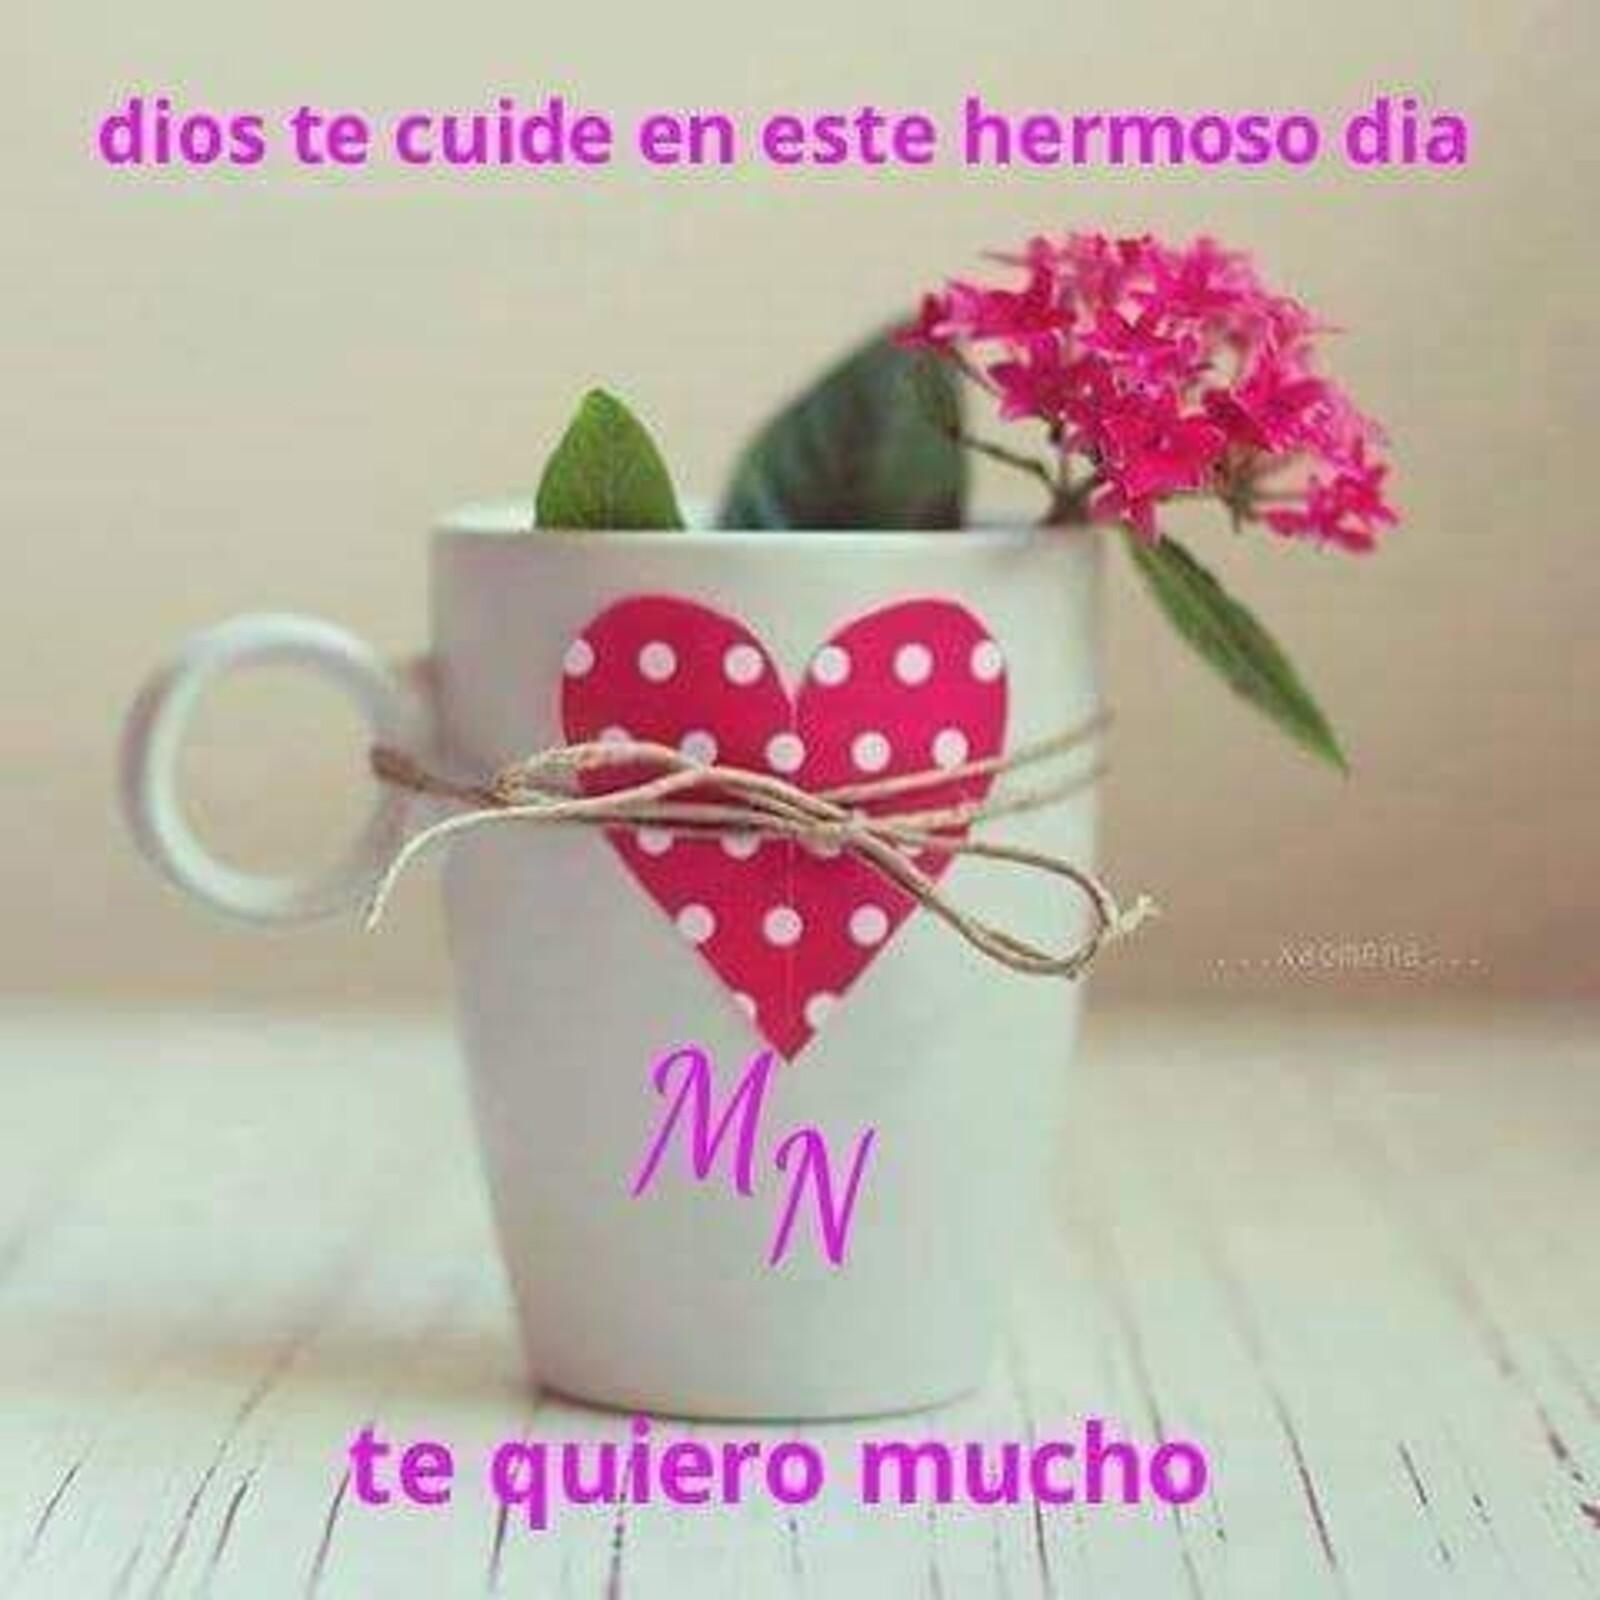 Dios te cuide en este hermoso día...te quiero mucho